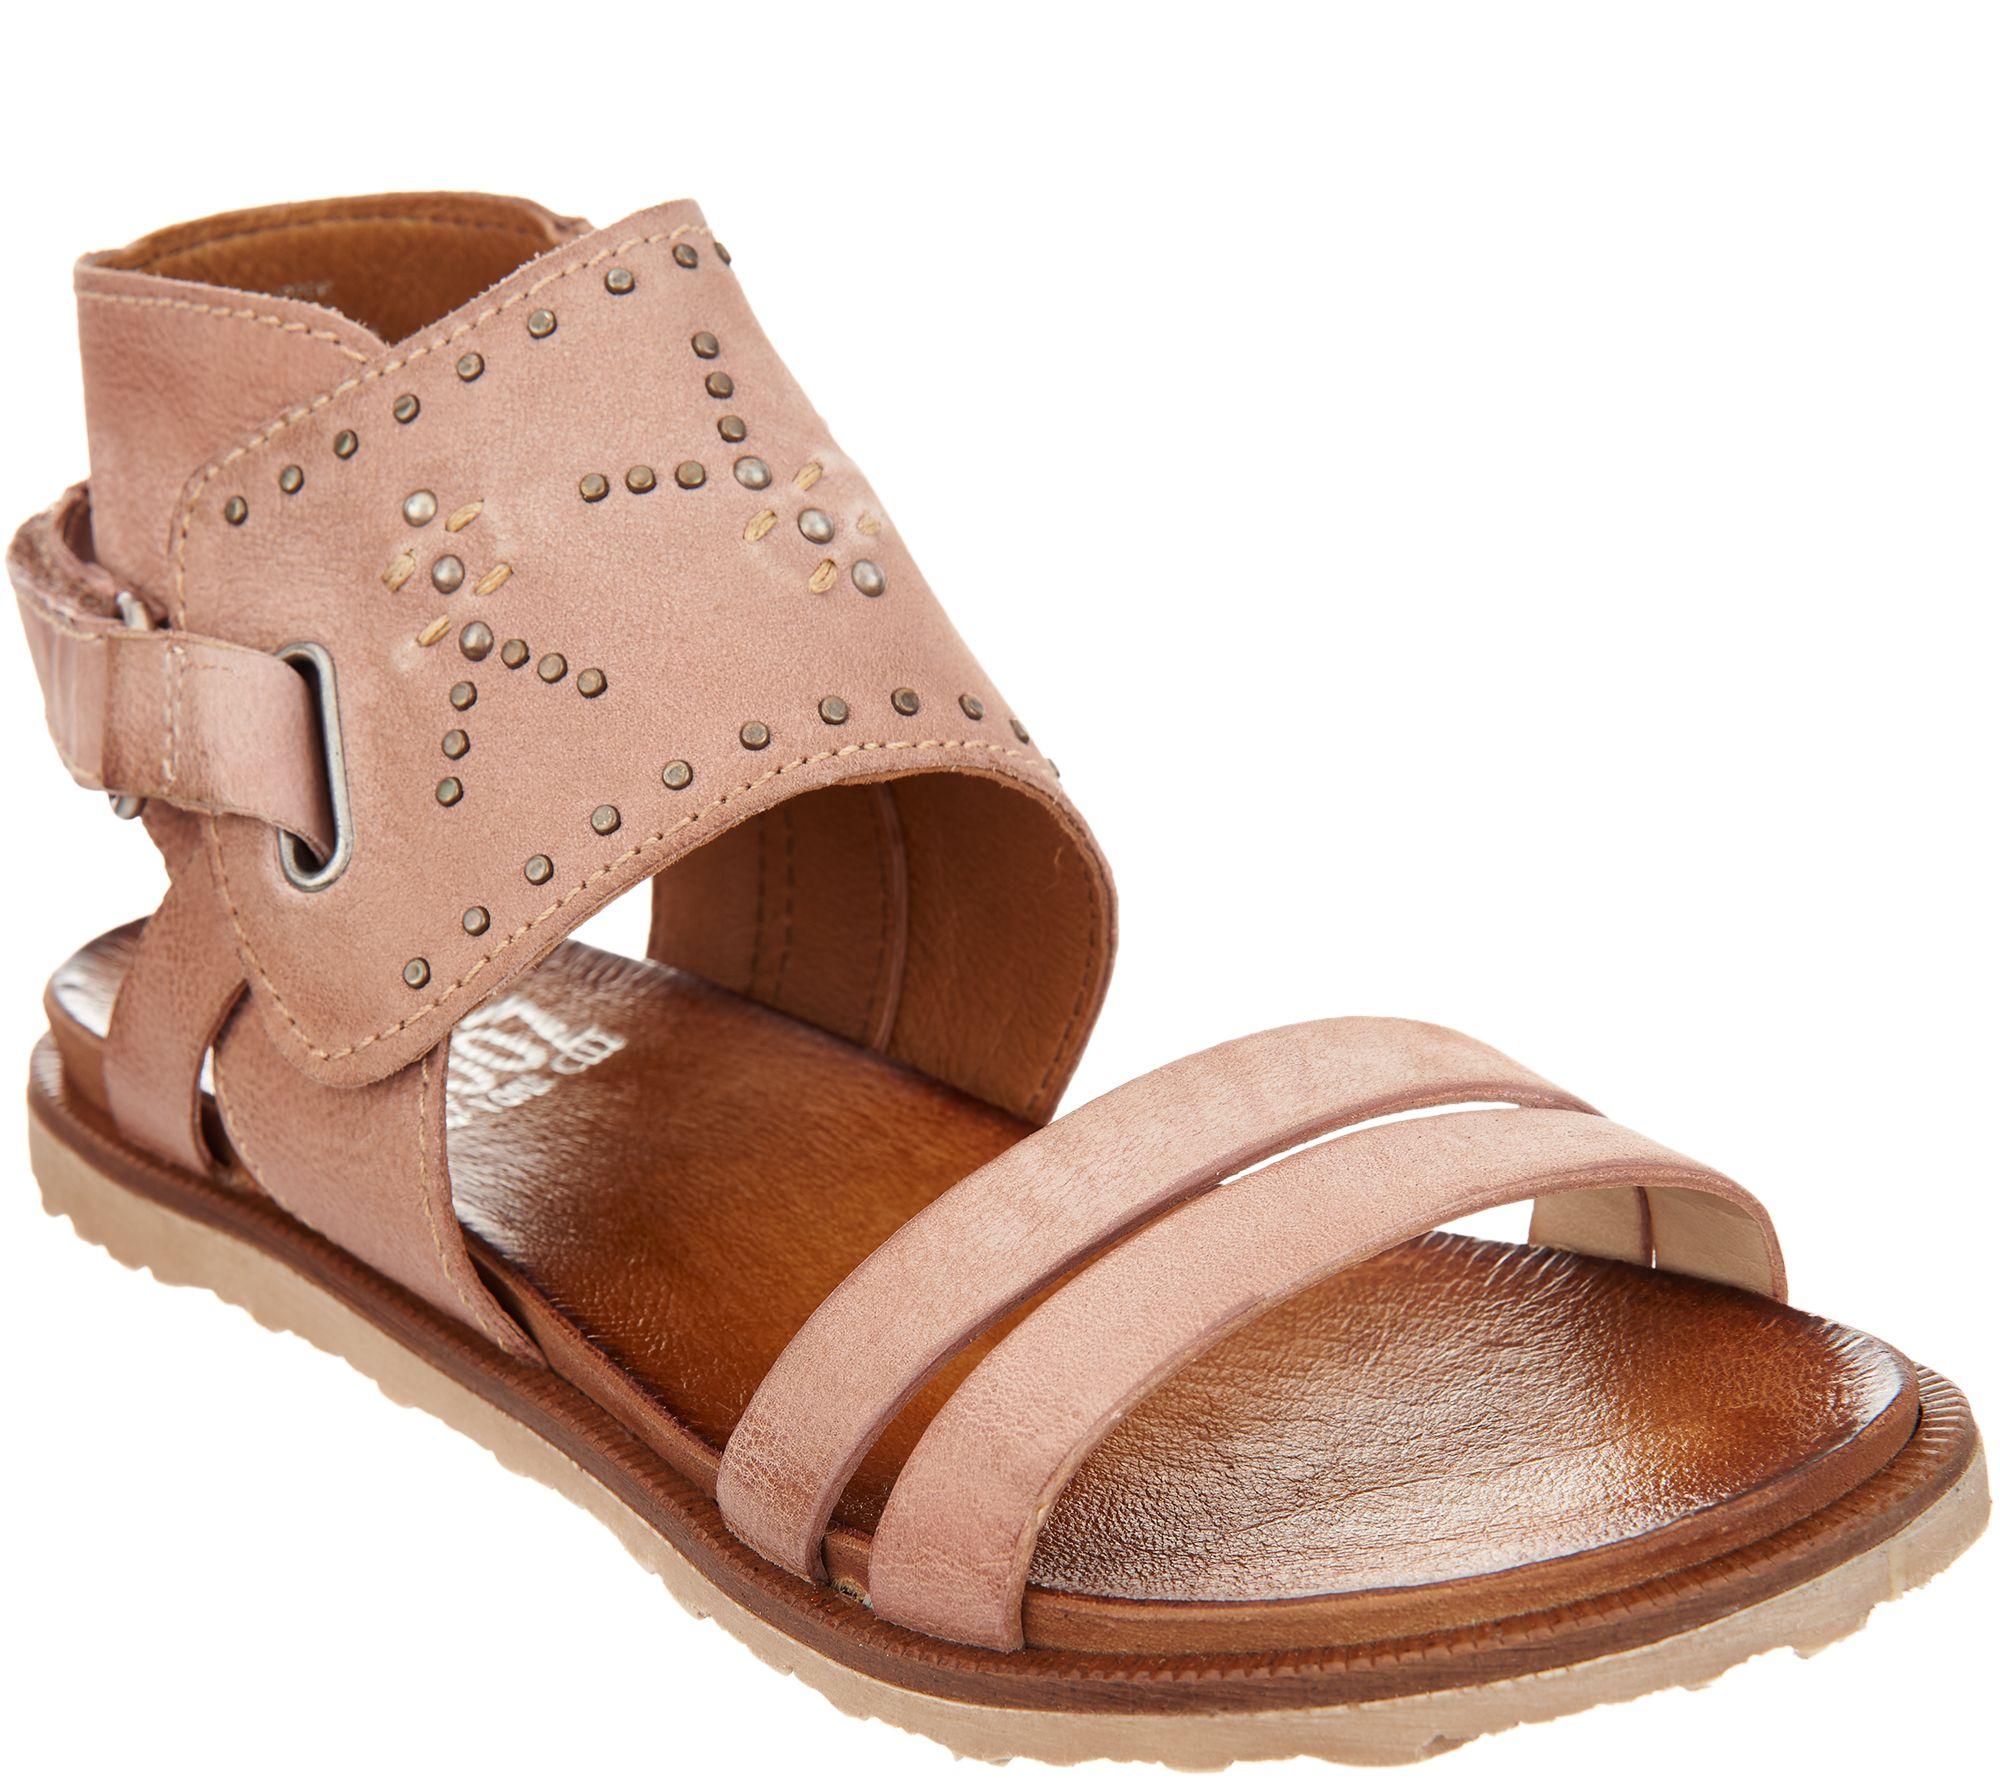 Miz Mooz Leather Sandals W Stud Details Tibby Page 1